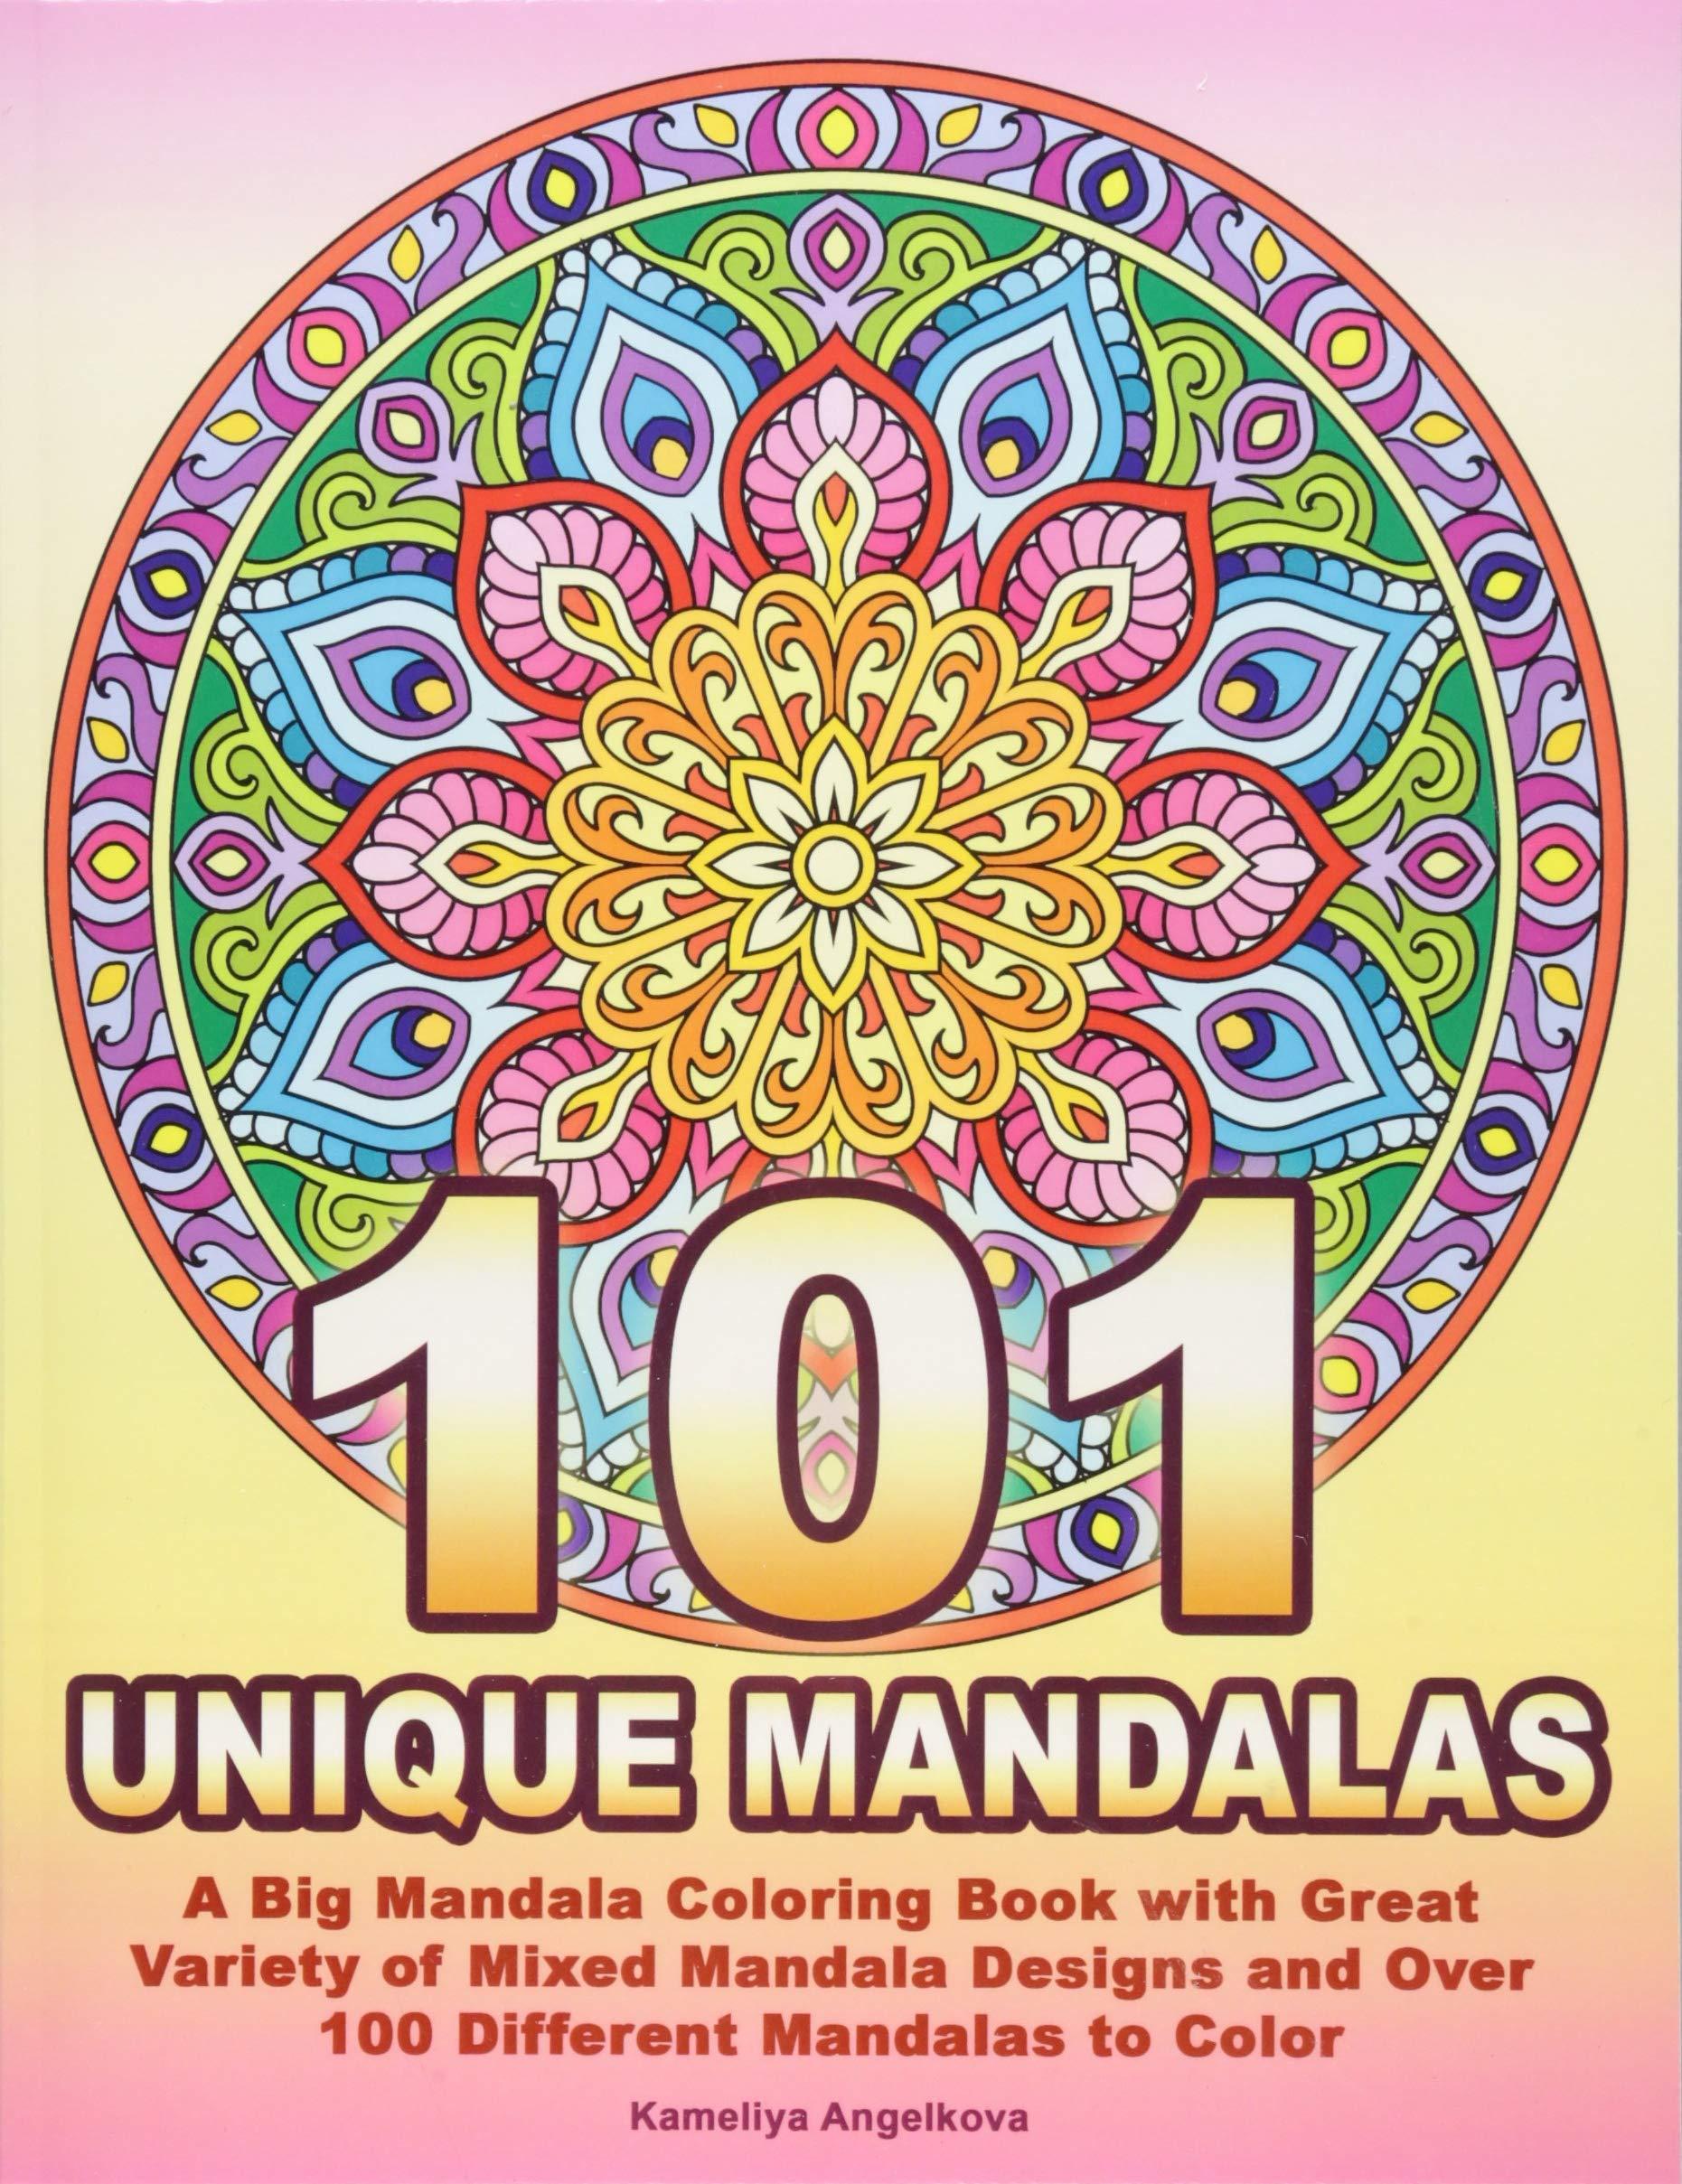 101 Unique Mandalas A Big Mandala Coloring Book With Great